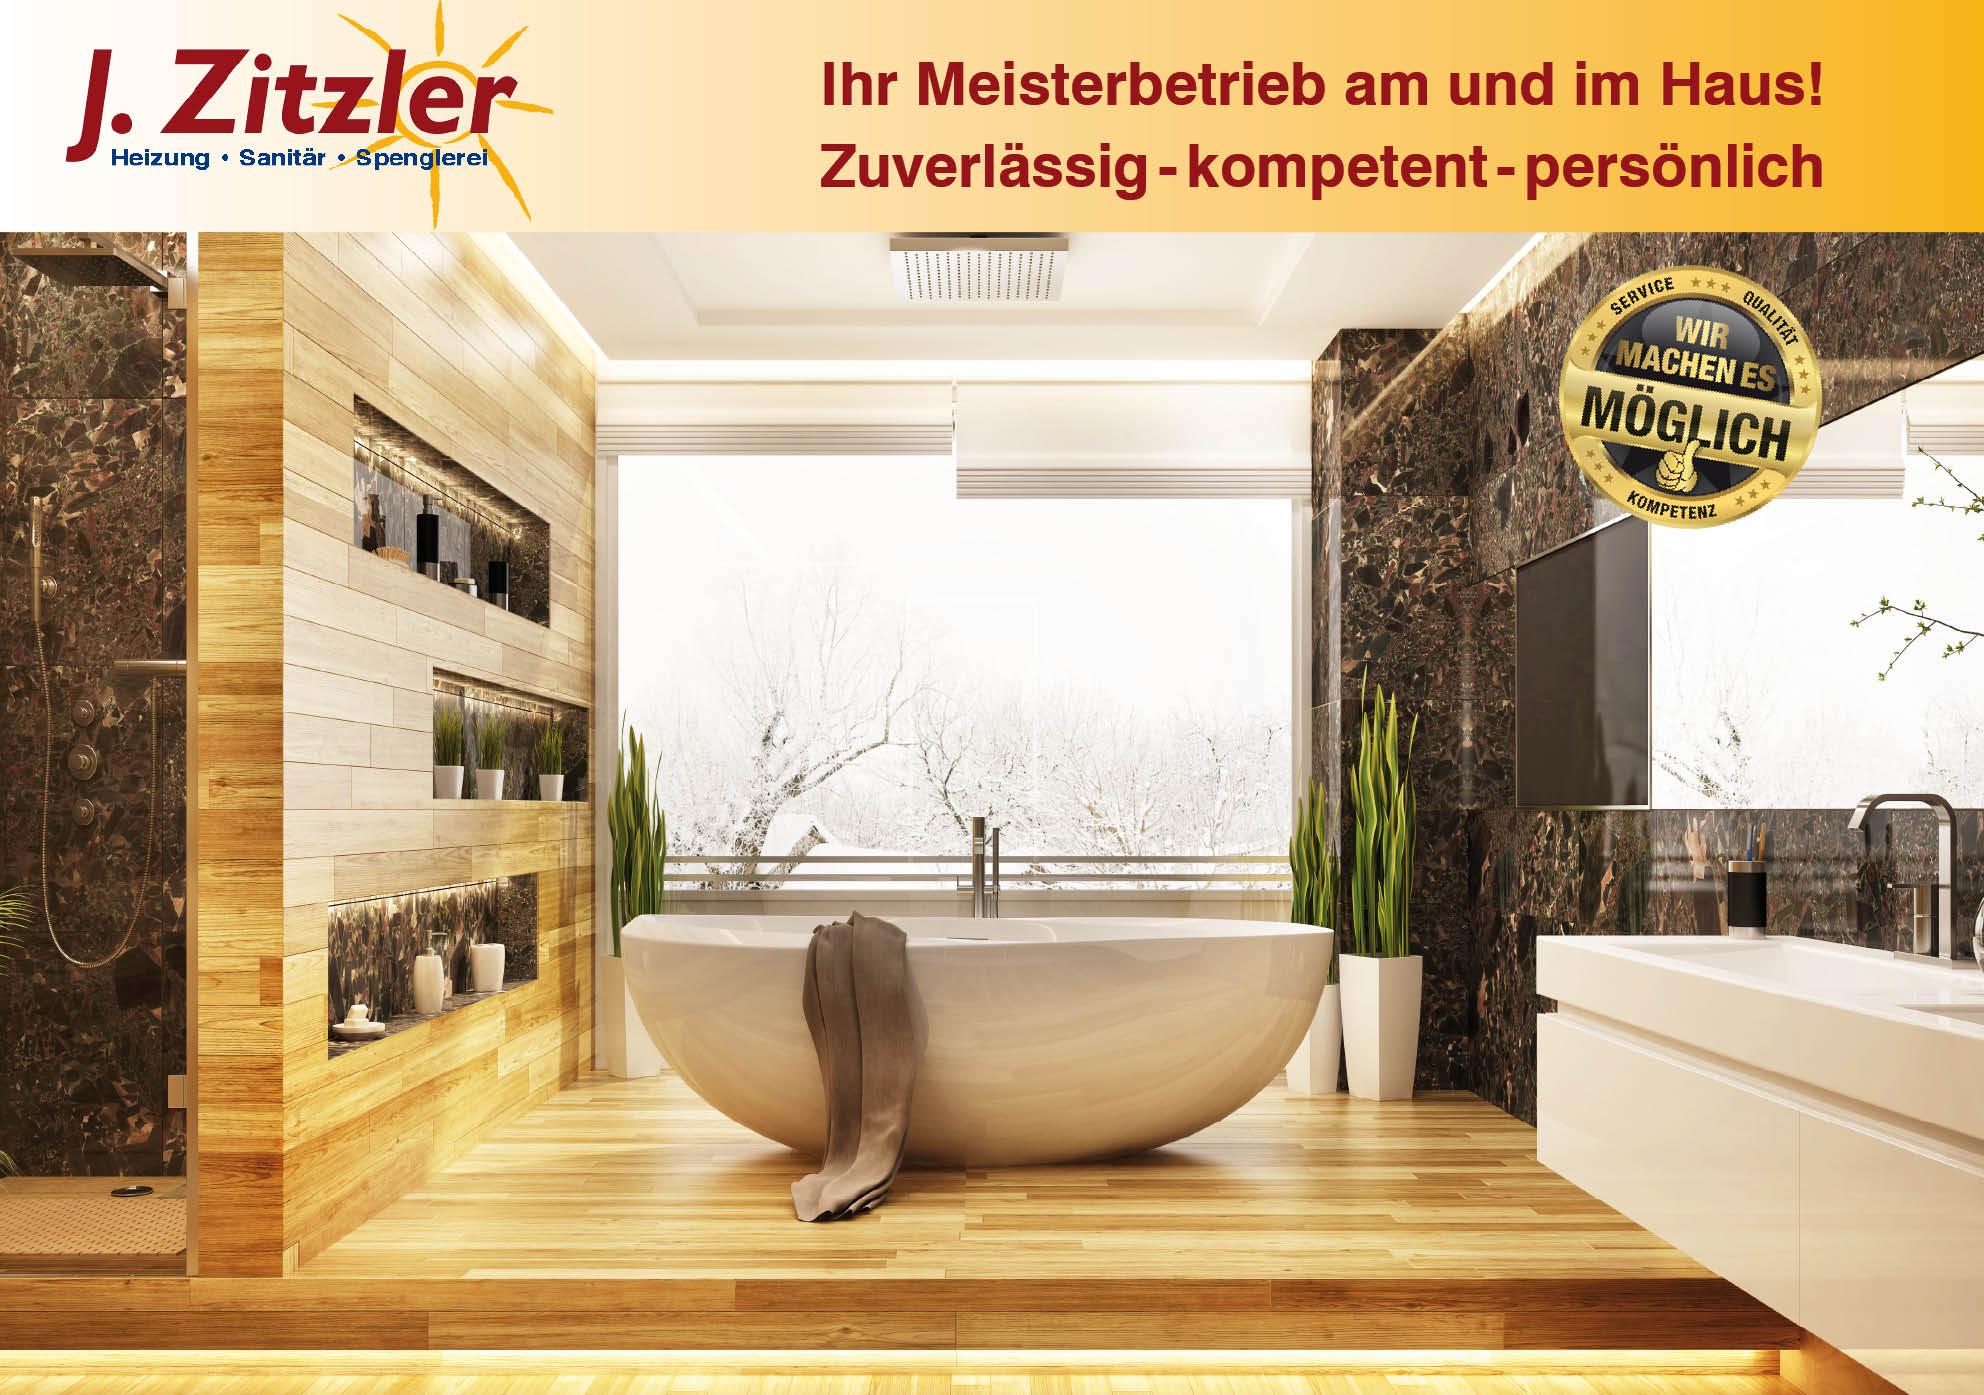 Johann Zitzler - Referenzen Badezimmer